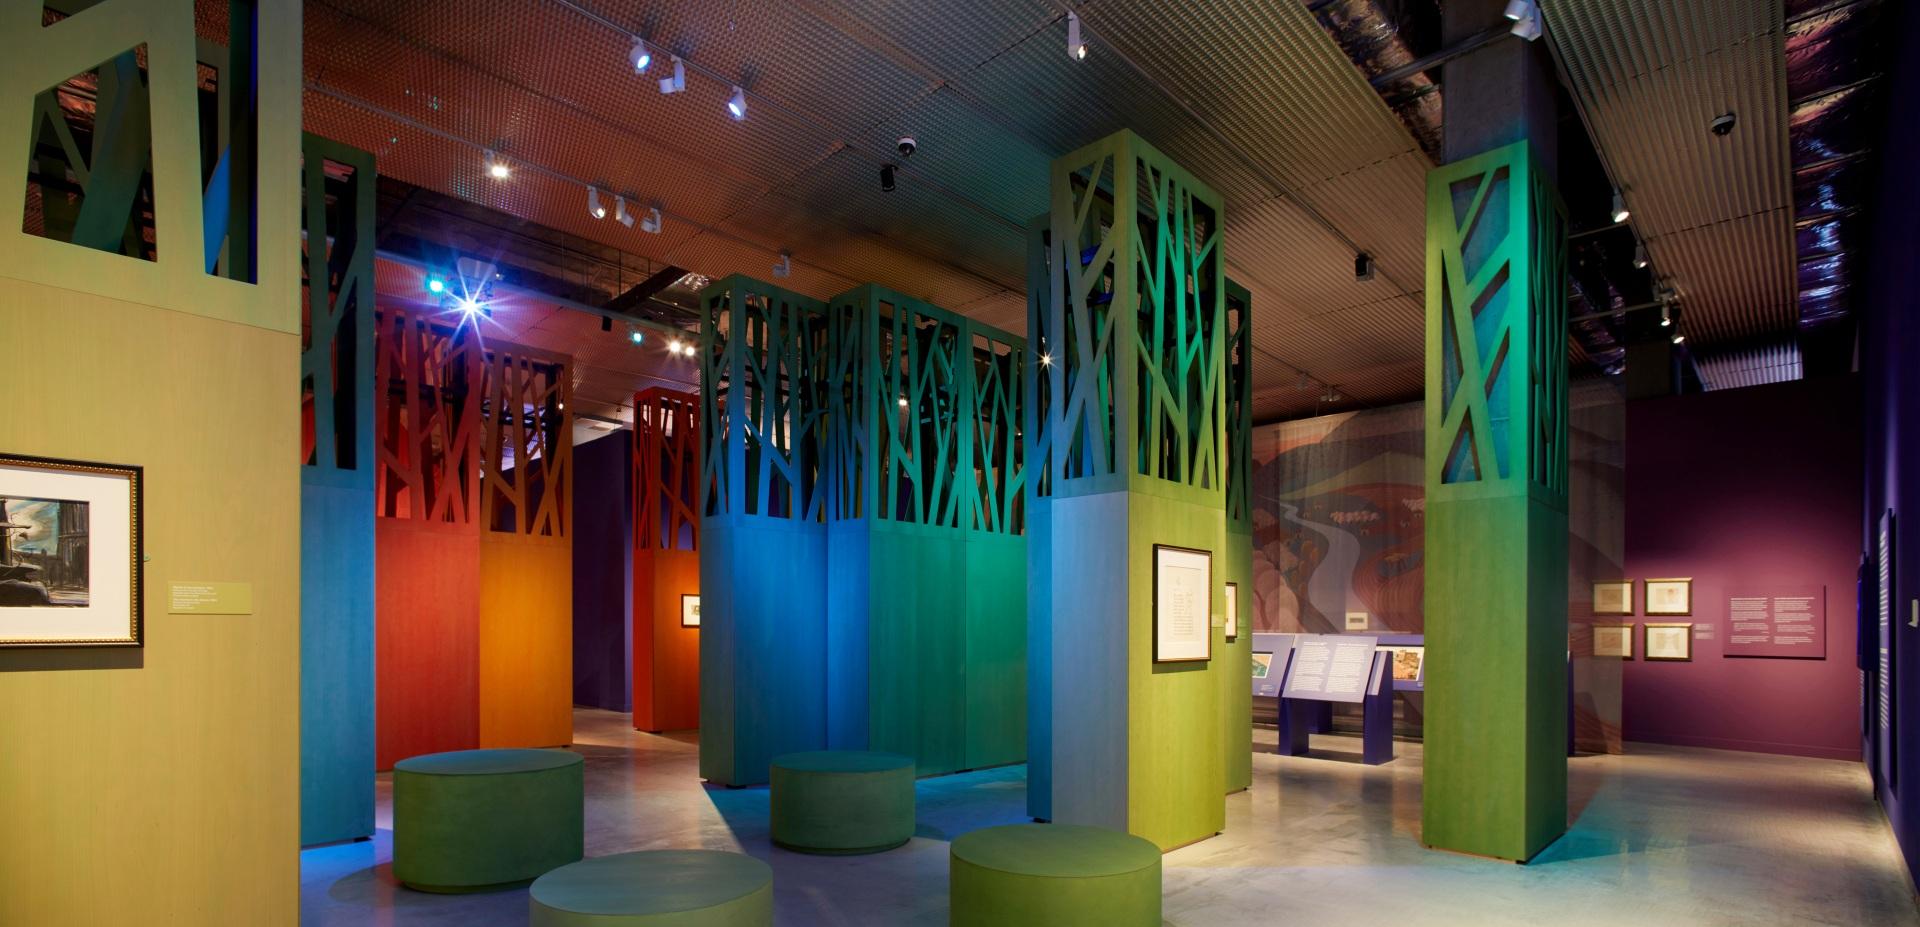 Exposición sobre Walt Disney. Bosque de colores. Asientos de color verde.